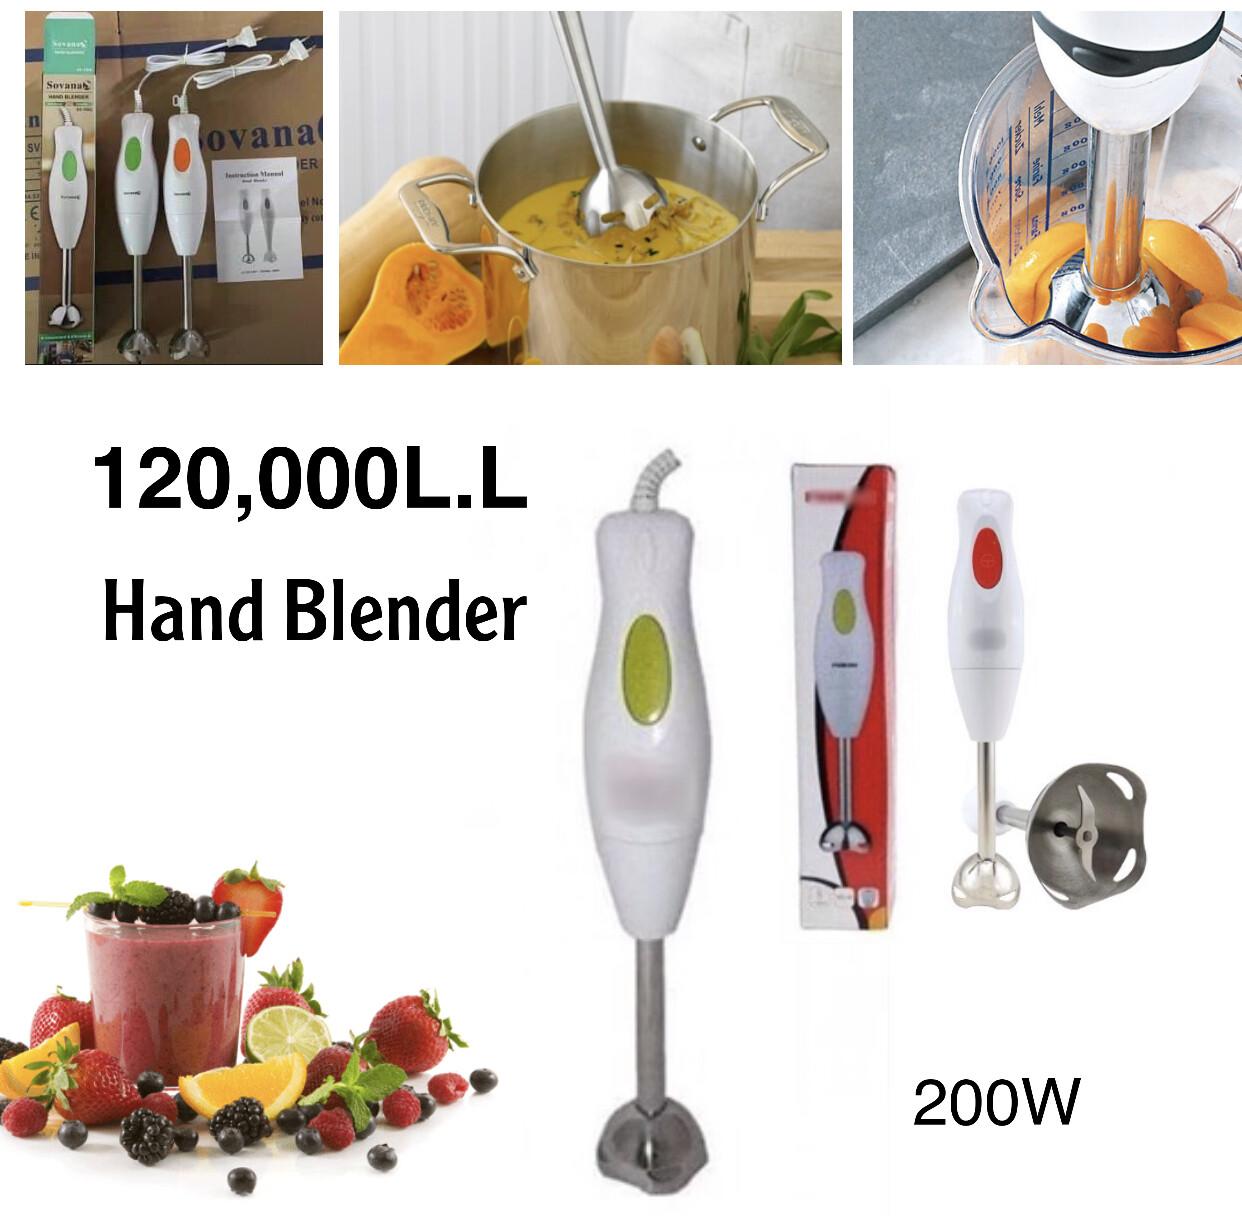 SOVANA Hand Blender